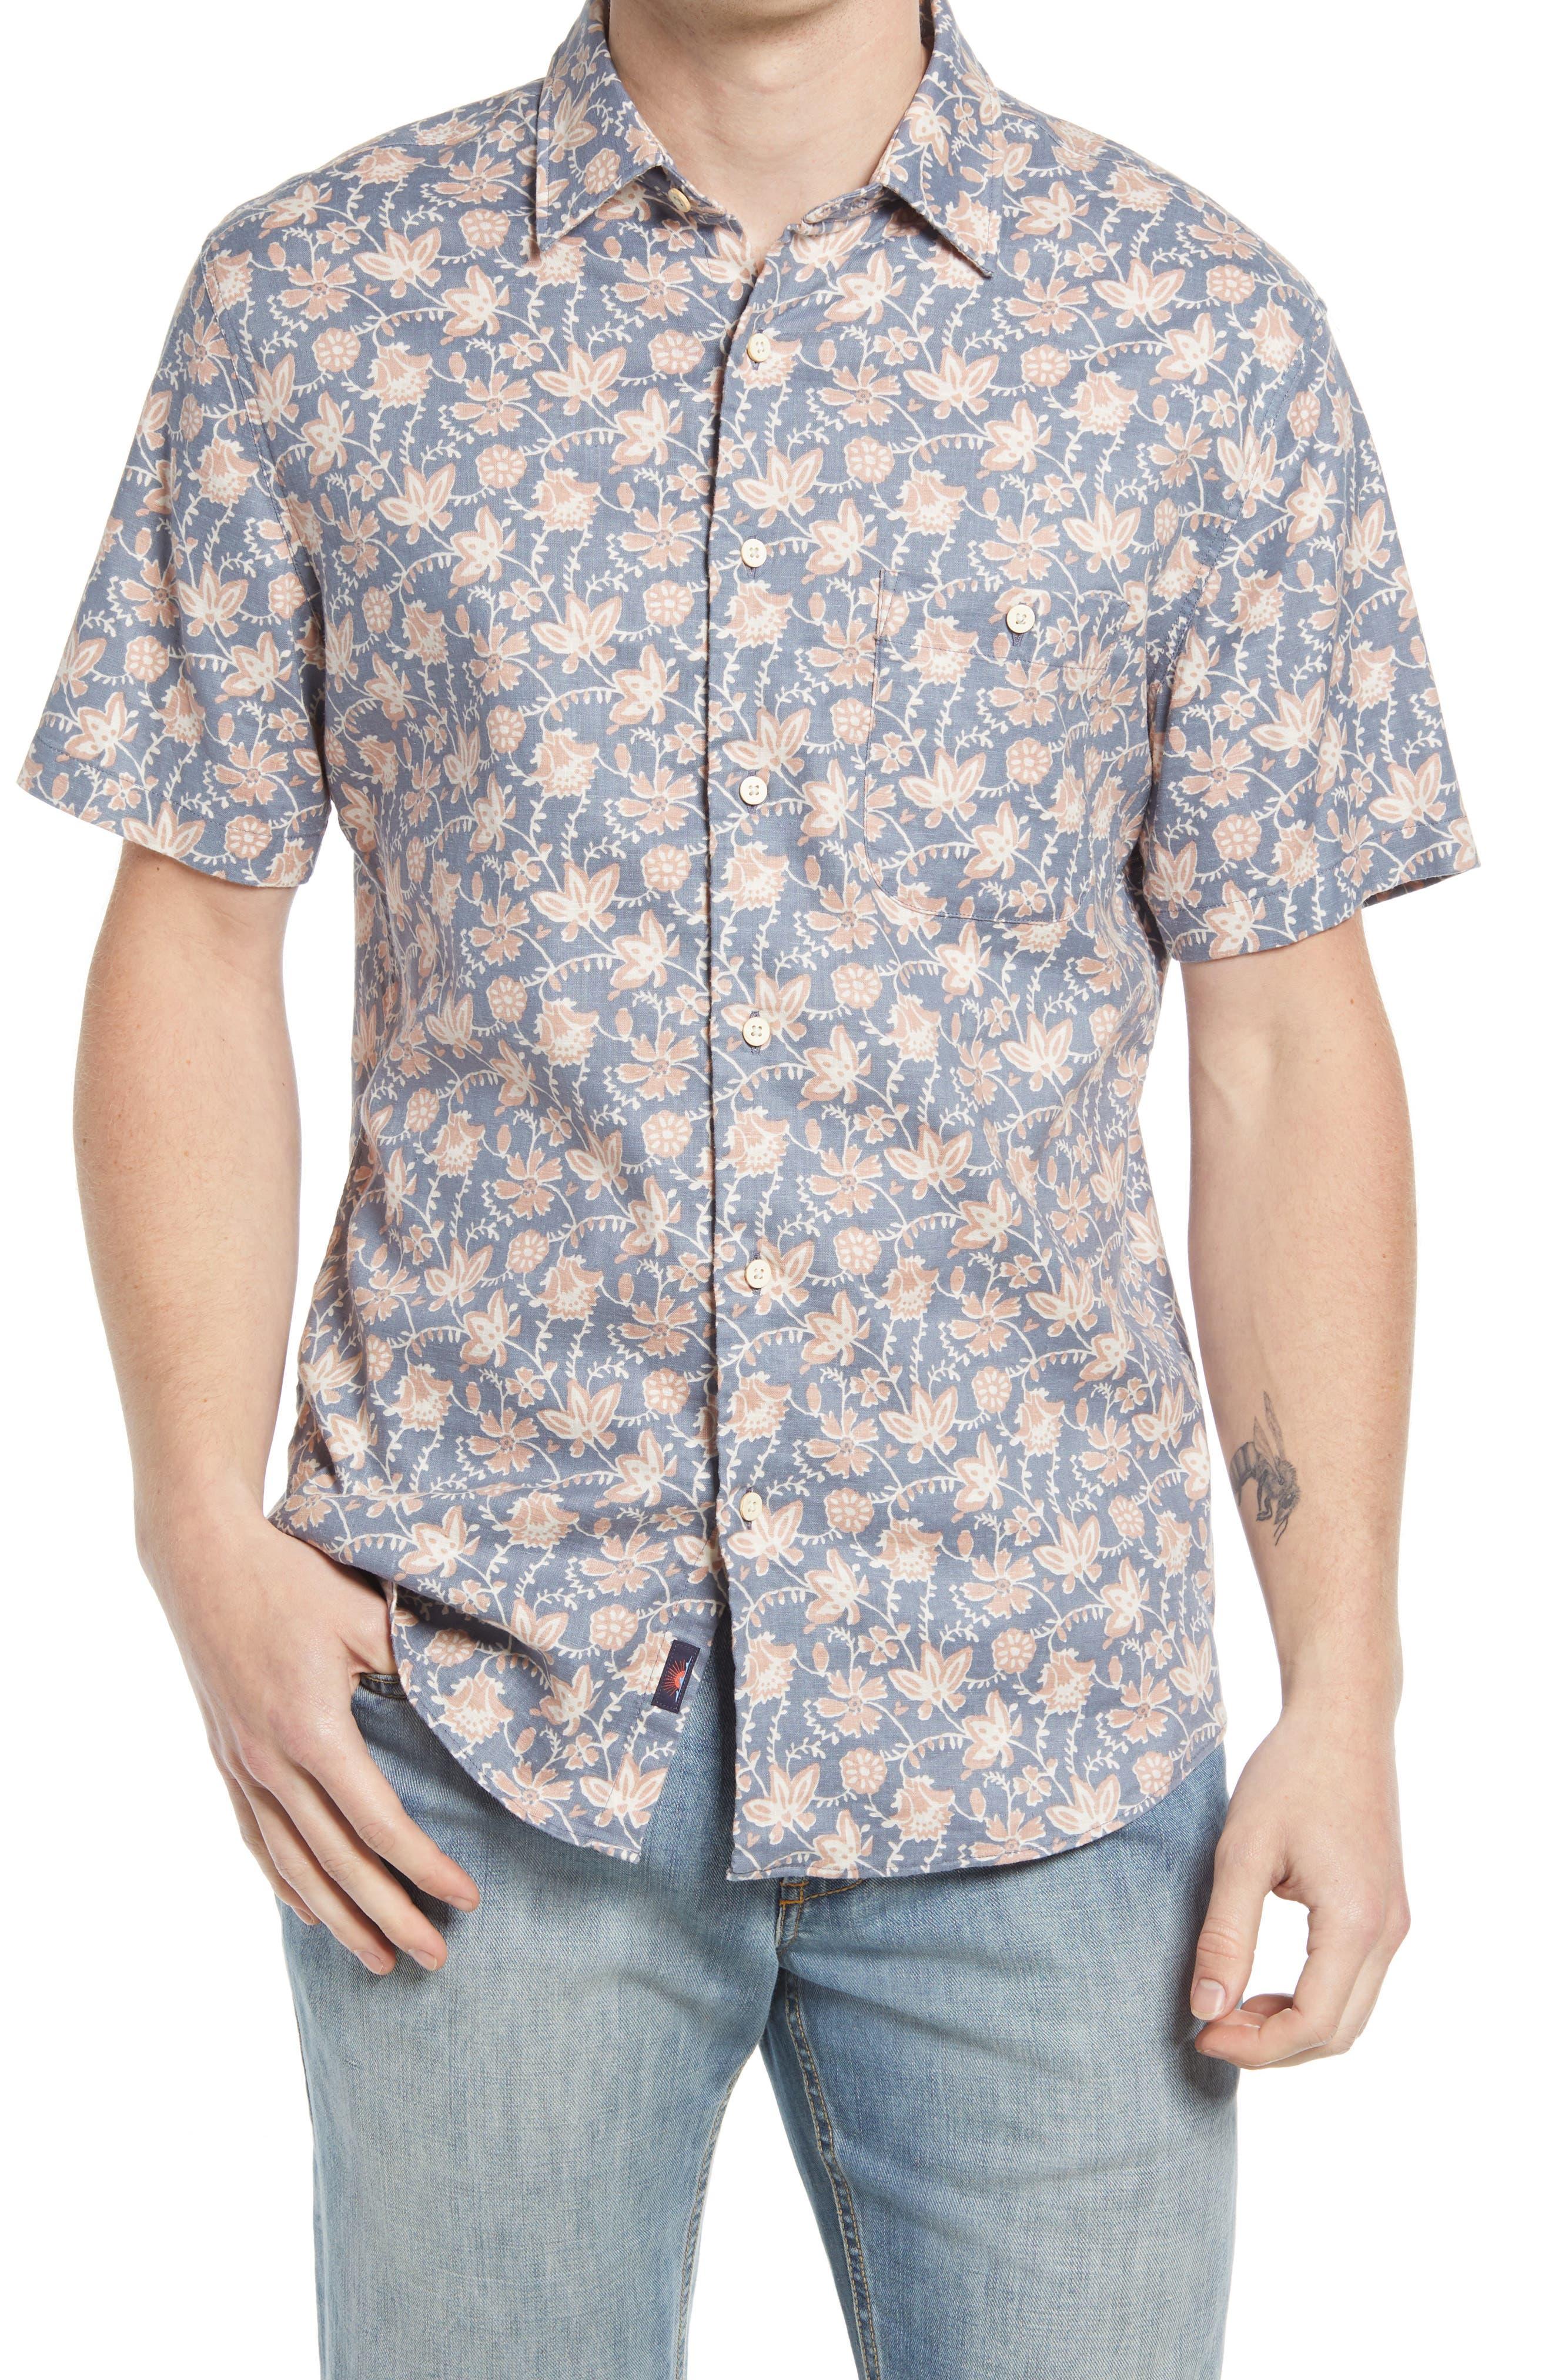 Breeze Floral Stretch Short Sleeve Button-Up Shirt